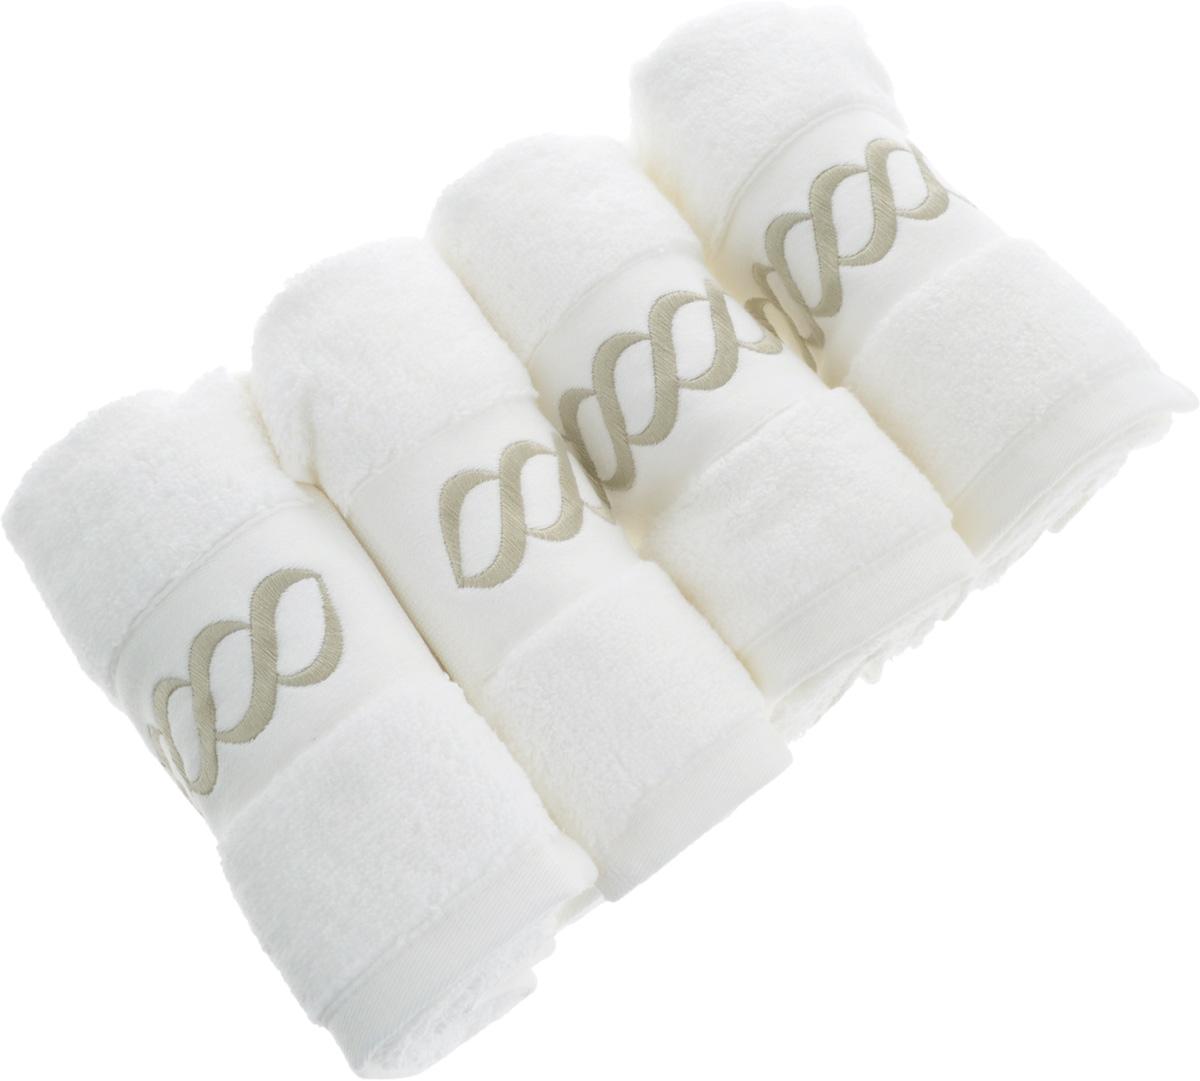 Набор махровых полотенец Issimo Home Pauline, цвет: белый, бежевый, 30 x 50 см, 4 шт4743Набор полотенец Issimo Home Pauline выполнен из натуральной махровой ткани (100% хлопок). Изделия отлично впитывают влагу, быстро сохнут и не теряют форму даже после многократных стирок. Рекомендации по уходу:- режим стирки при 40°C,- допускается обычная химчистка,- отбеливание запрещено,- глажка при температуре подошвы утюга до 110°С,- барабанный отжим запрещен.Размер полотенца: 30 x 50 см.